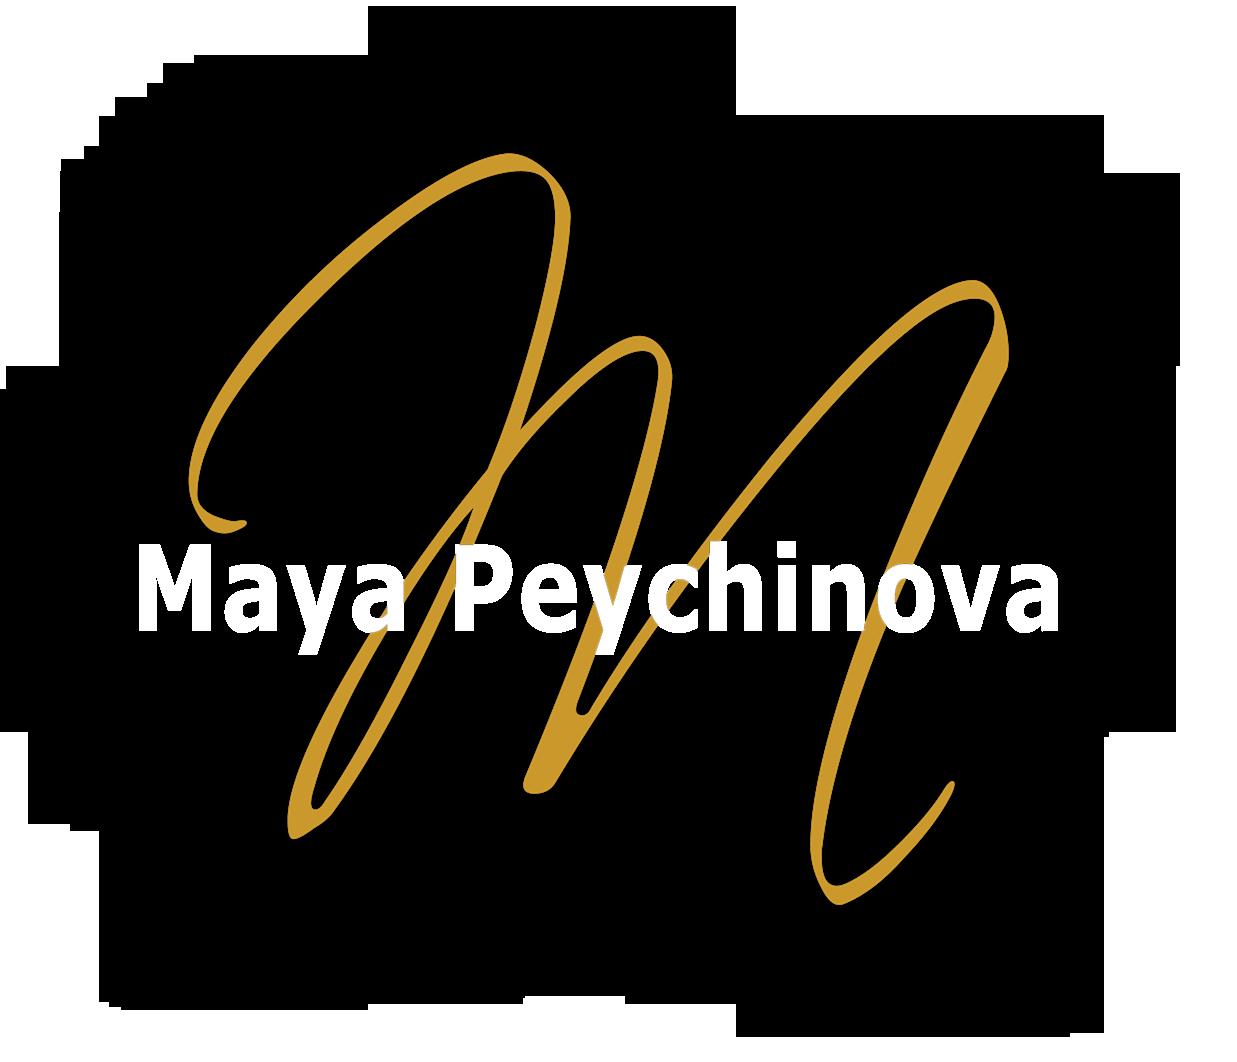 maya peychinova